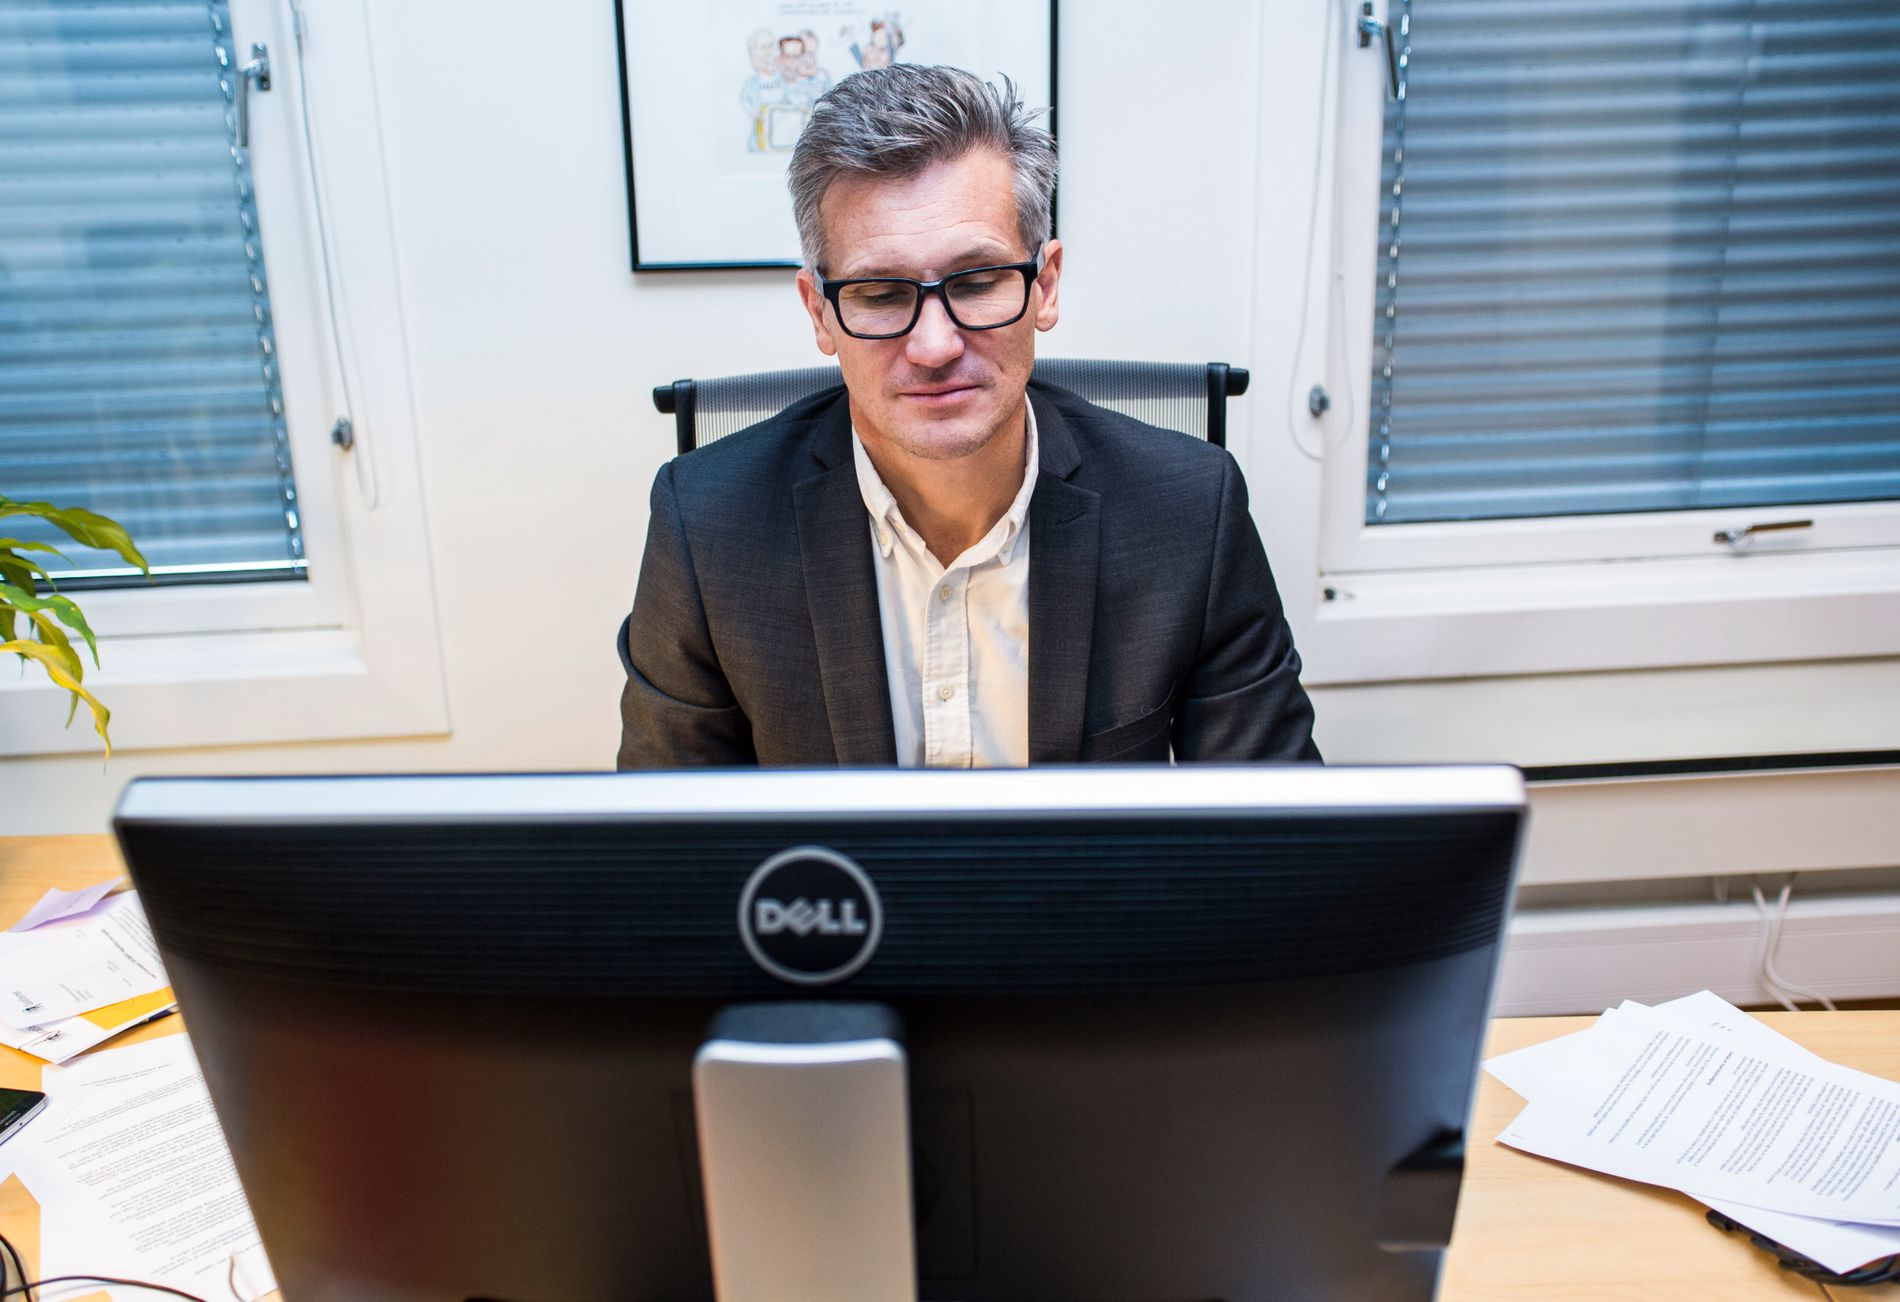 SIER NEI: Datatilsynets direktør Bjørn Erik Thon mener at lovforslaget er uklart på en rekke punkter, og at kontrollen med E-tjenestens aktiviteter vil være for dårlig. BT er enig. Forslaget bør skrotes.